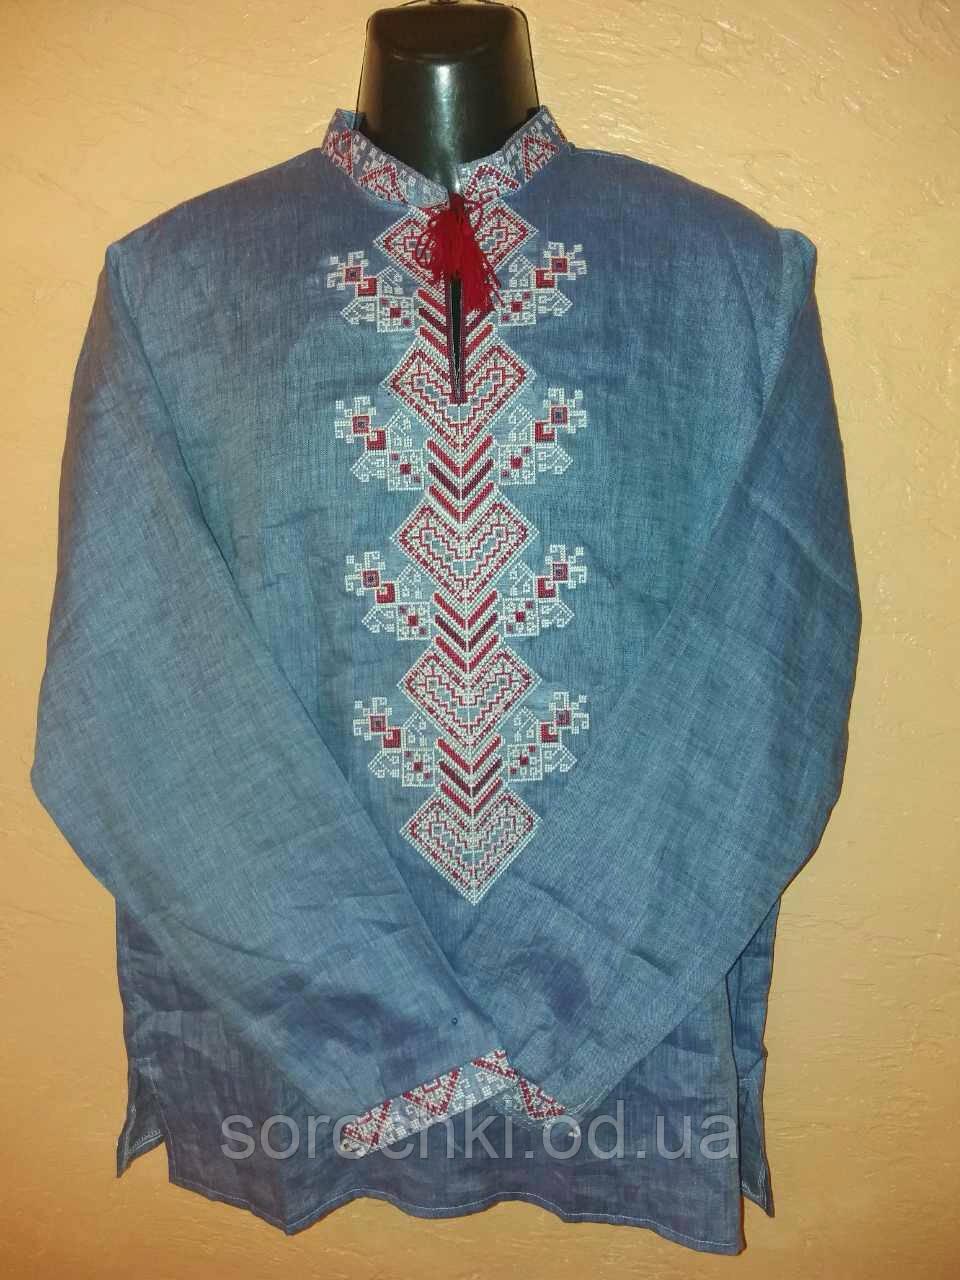 """Вышиванка мужская , длинный рукав , цвет джинс , лен , орнамент """"Берегиня"""""""